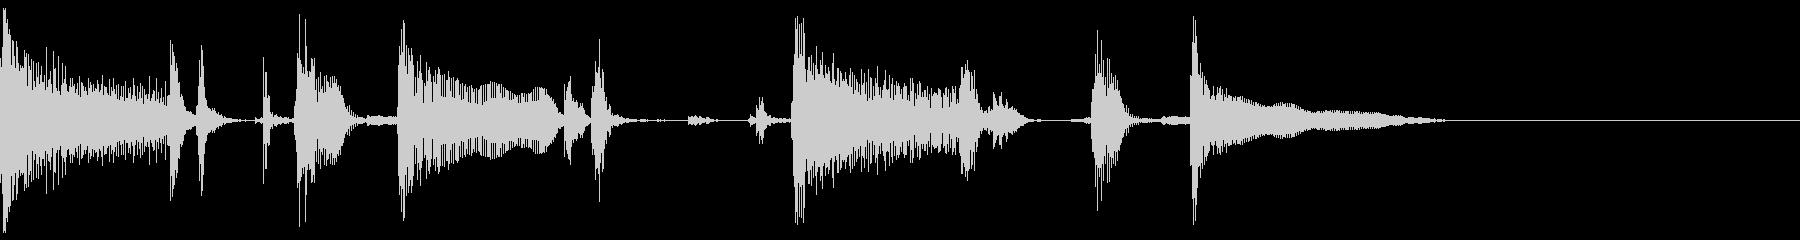 シンプルなロックギターフレーズの未再生の波形